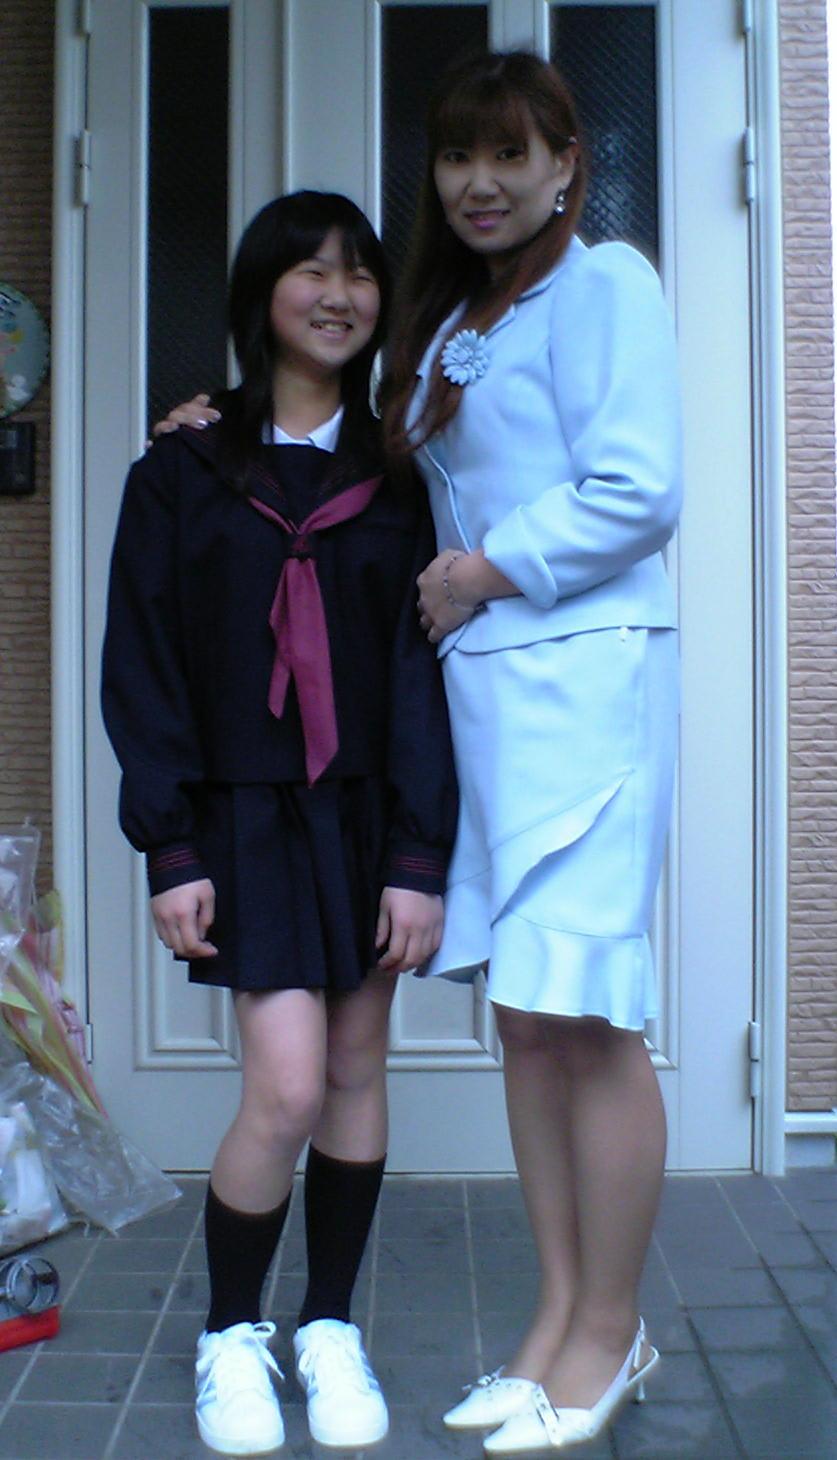 入学式のお母さんエロ画像の画像